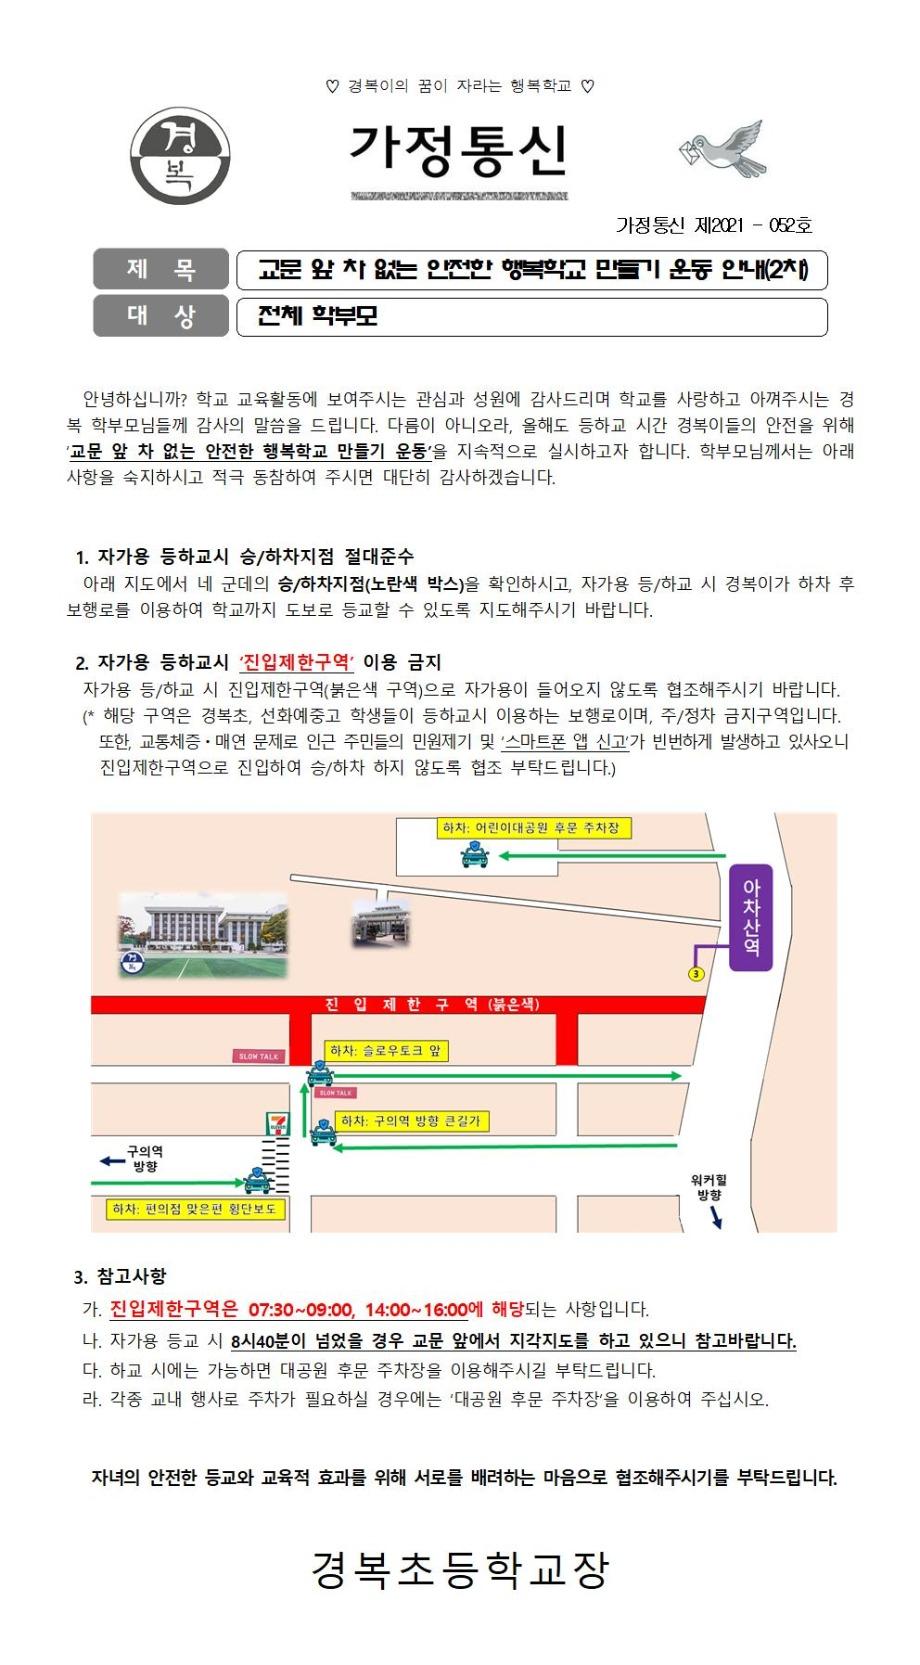 2021-052 교문 앞 차 없는 안전한 행복학교 만들기 운동 안내(수정)001.jpg